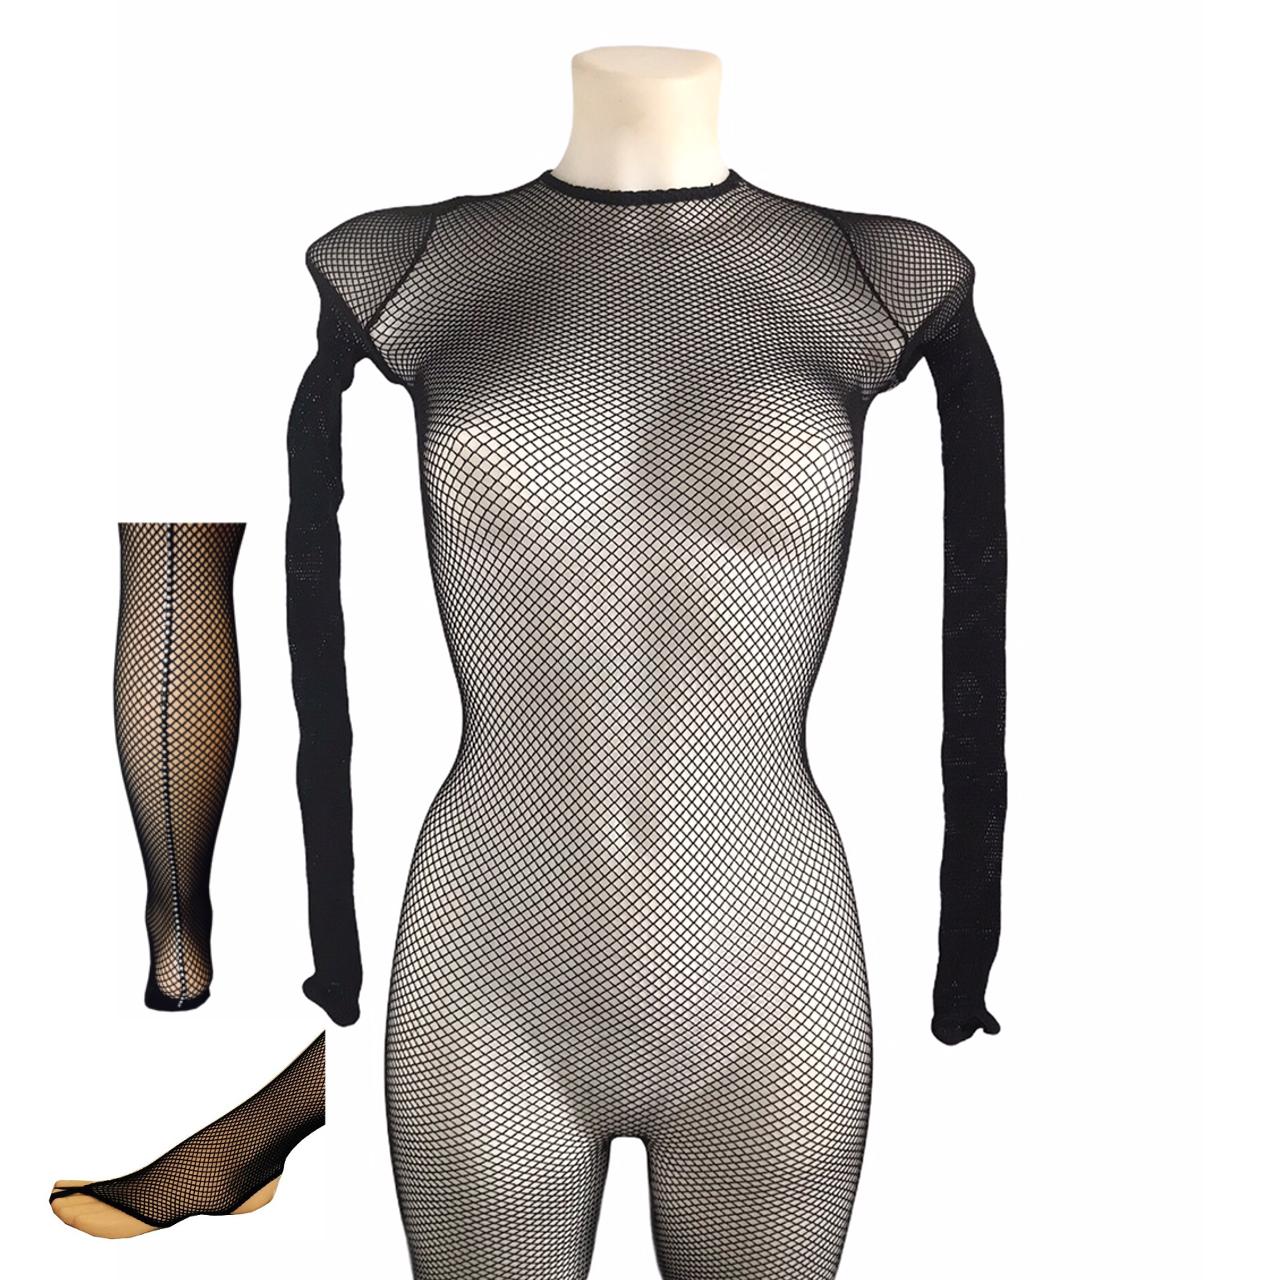 Aca 07 n academique resille noir sans pieds avec galon de strass couture professionnel danse tenue de scene